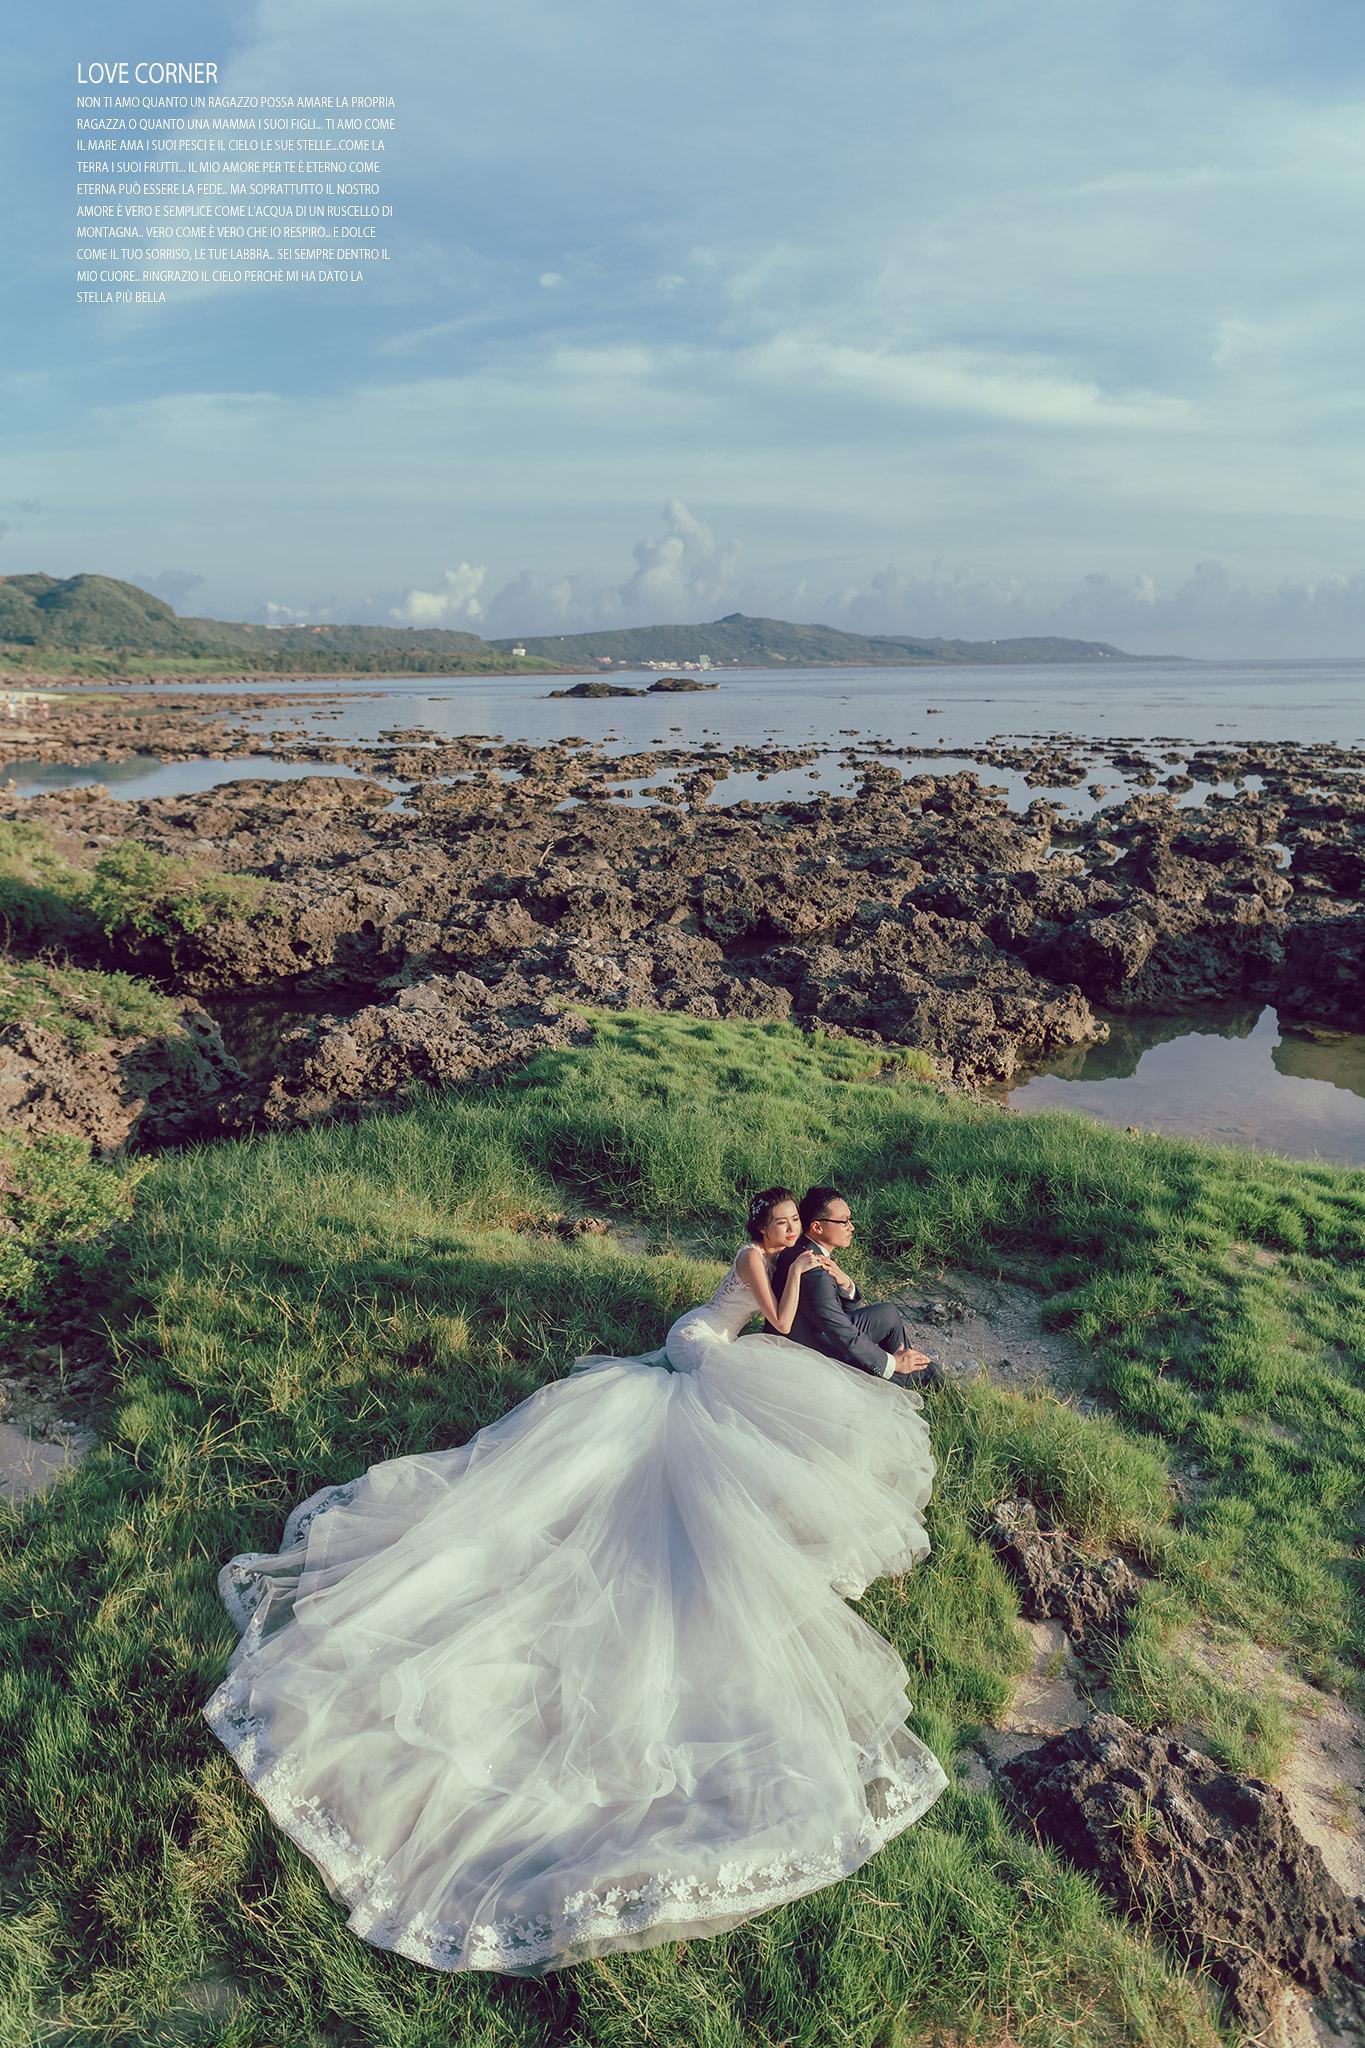 墾丁婚紗景點|森林系|海邊|愛情街角|澤于